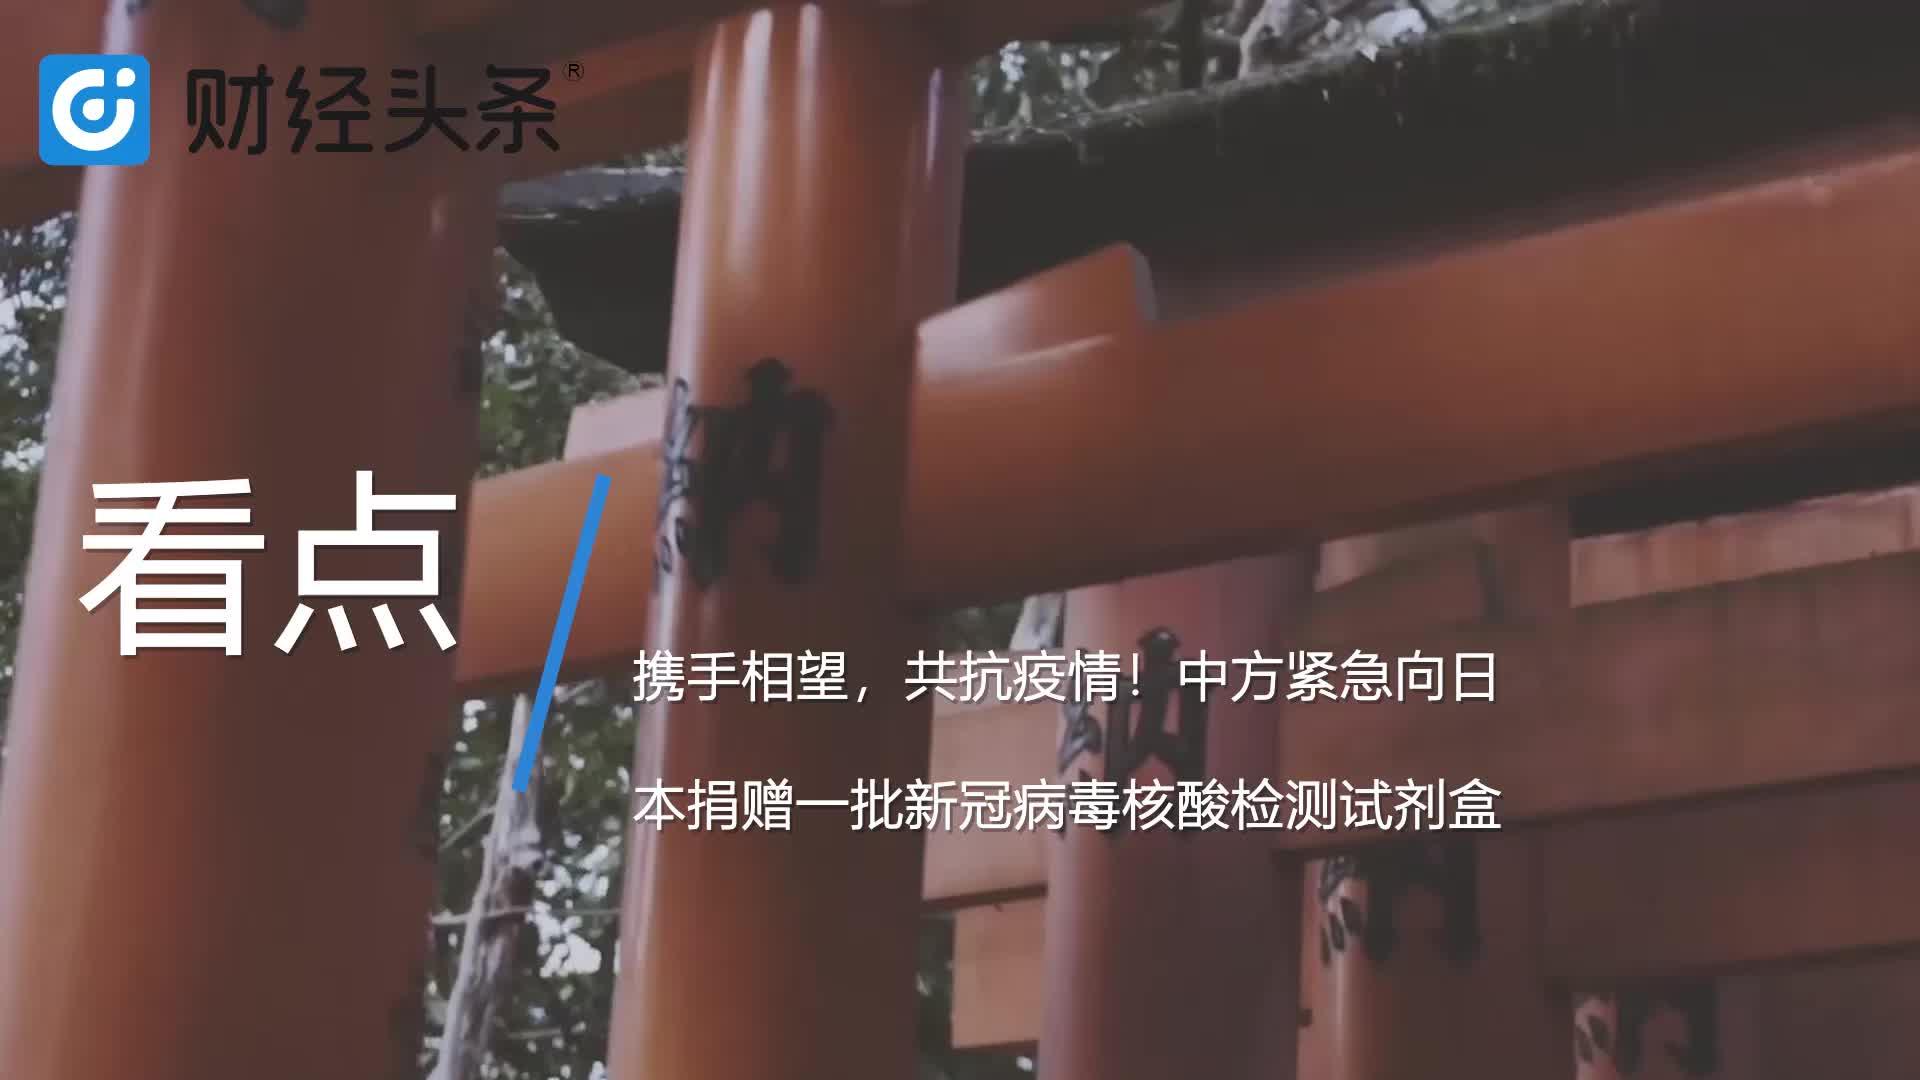 携手相望共抗疫情中方紧急向日本捐赠一批新冠病毒核酸检测试剂盒